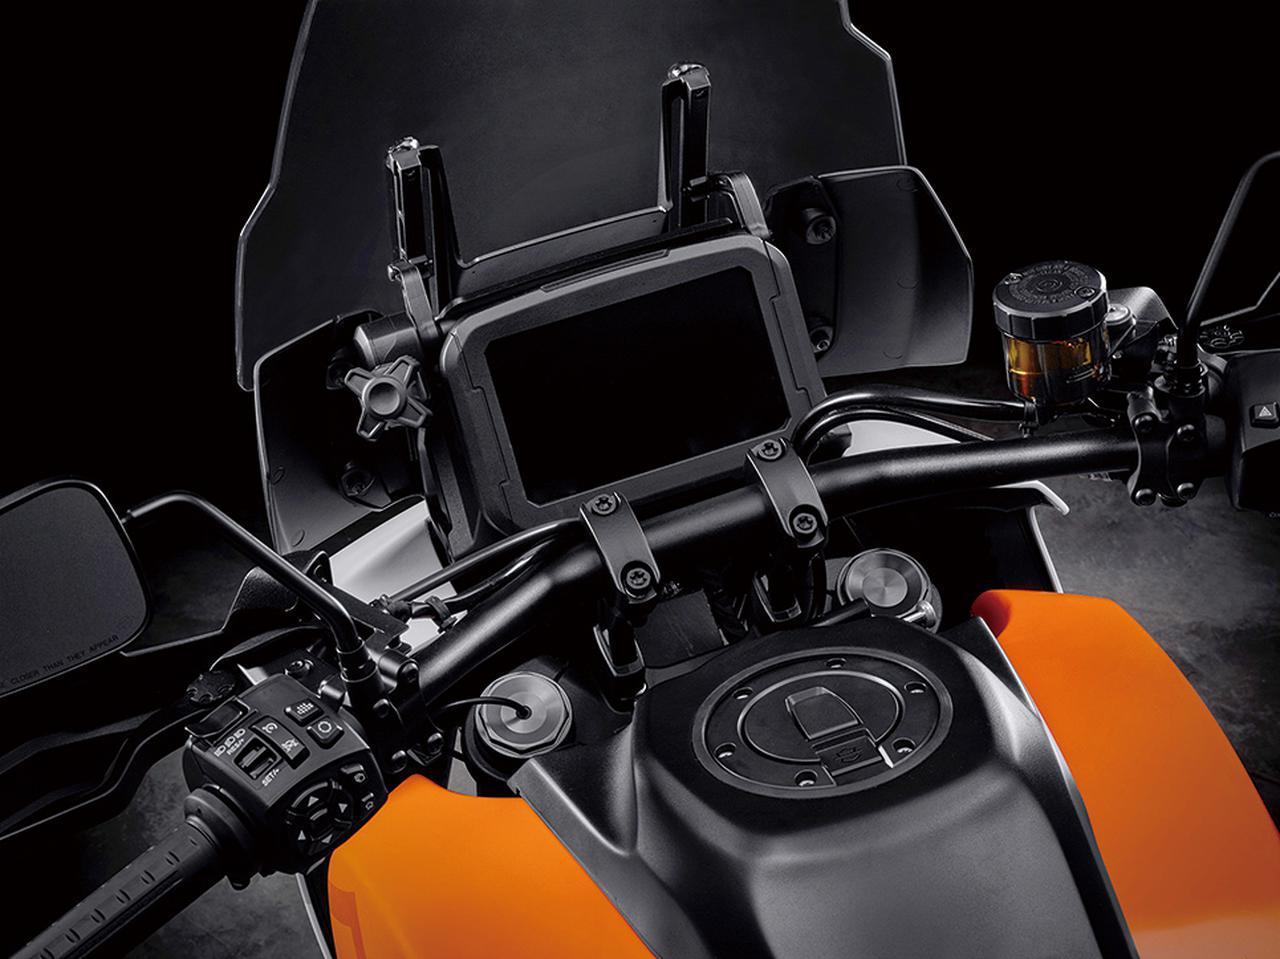 画像: 大型TFT液晶メーターを採用。ライディングモードやトラクションコントロールなど、電子制御デバイスも搭載するものと思われる。